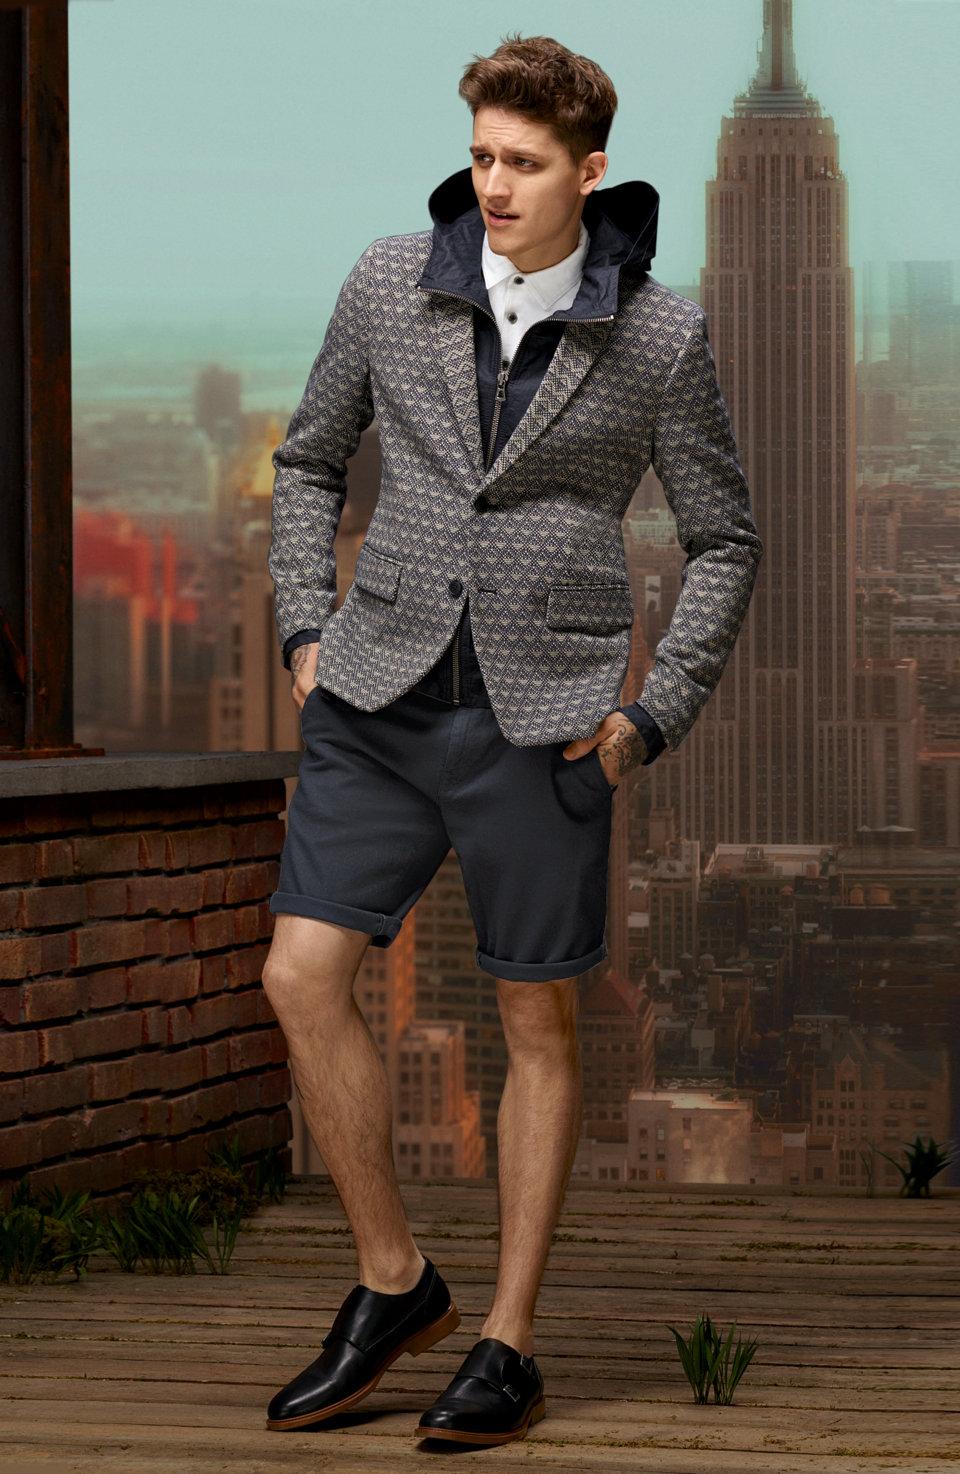 Dark jacket, dark outerwear and white polo shirt byBOSSOrange